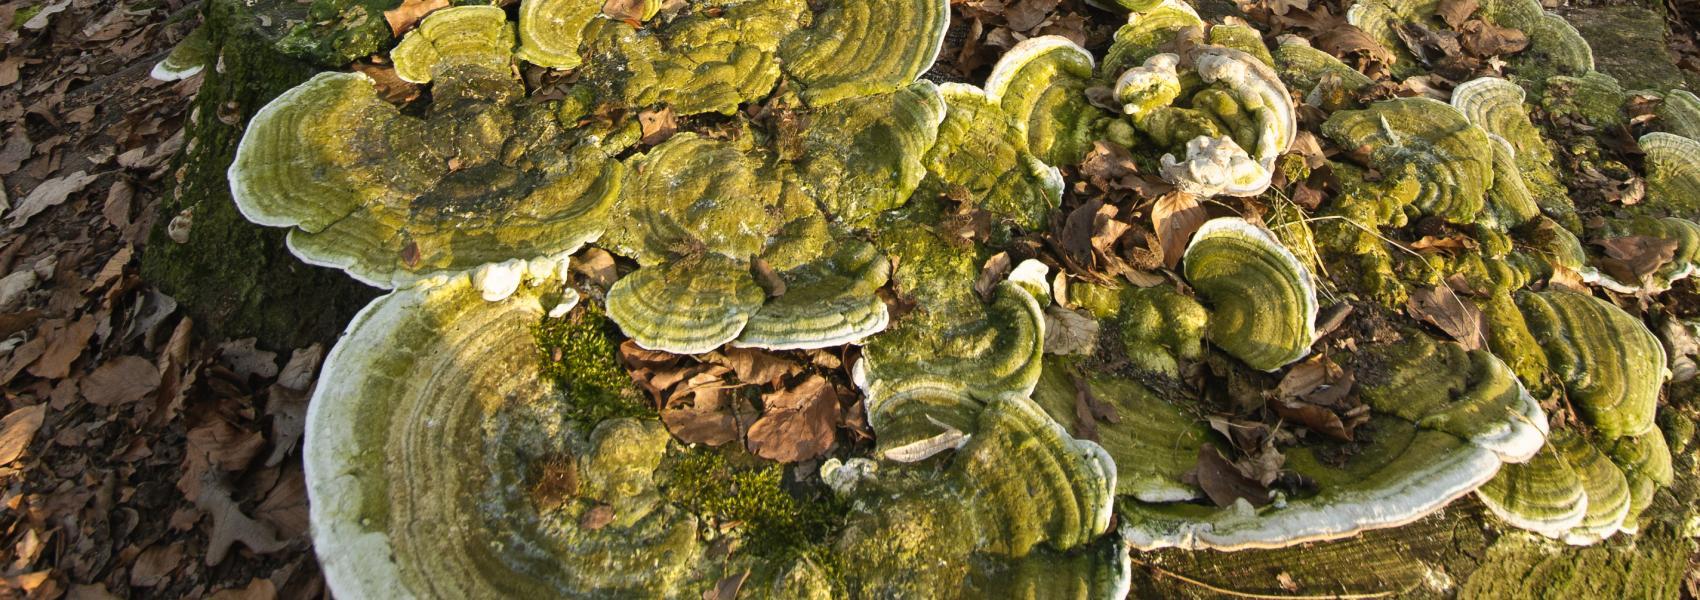 paddenstoelen in het bos